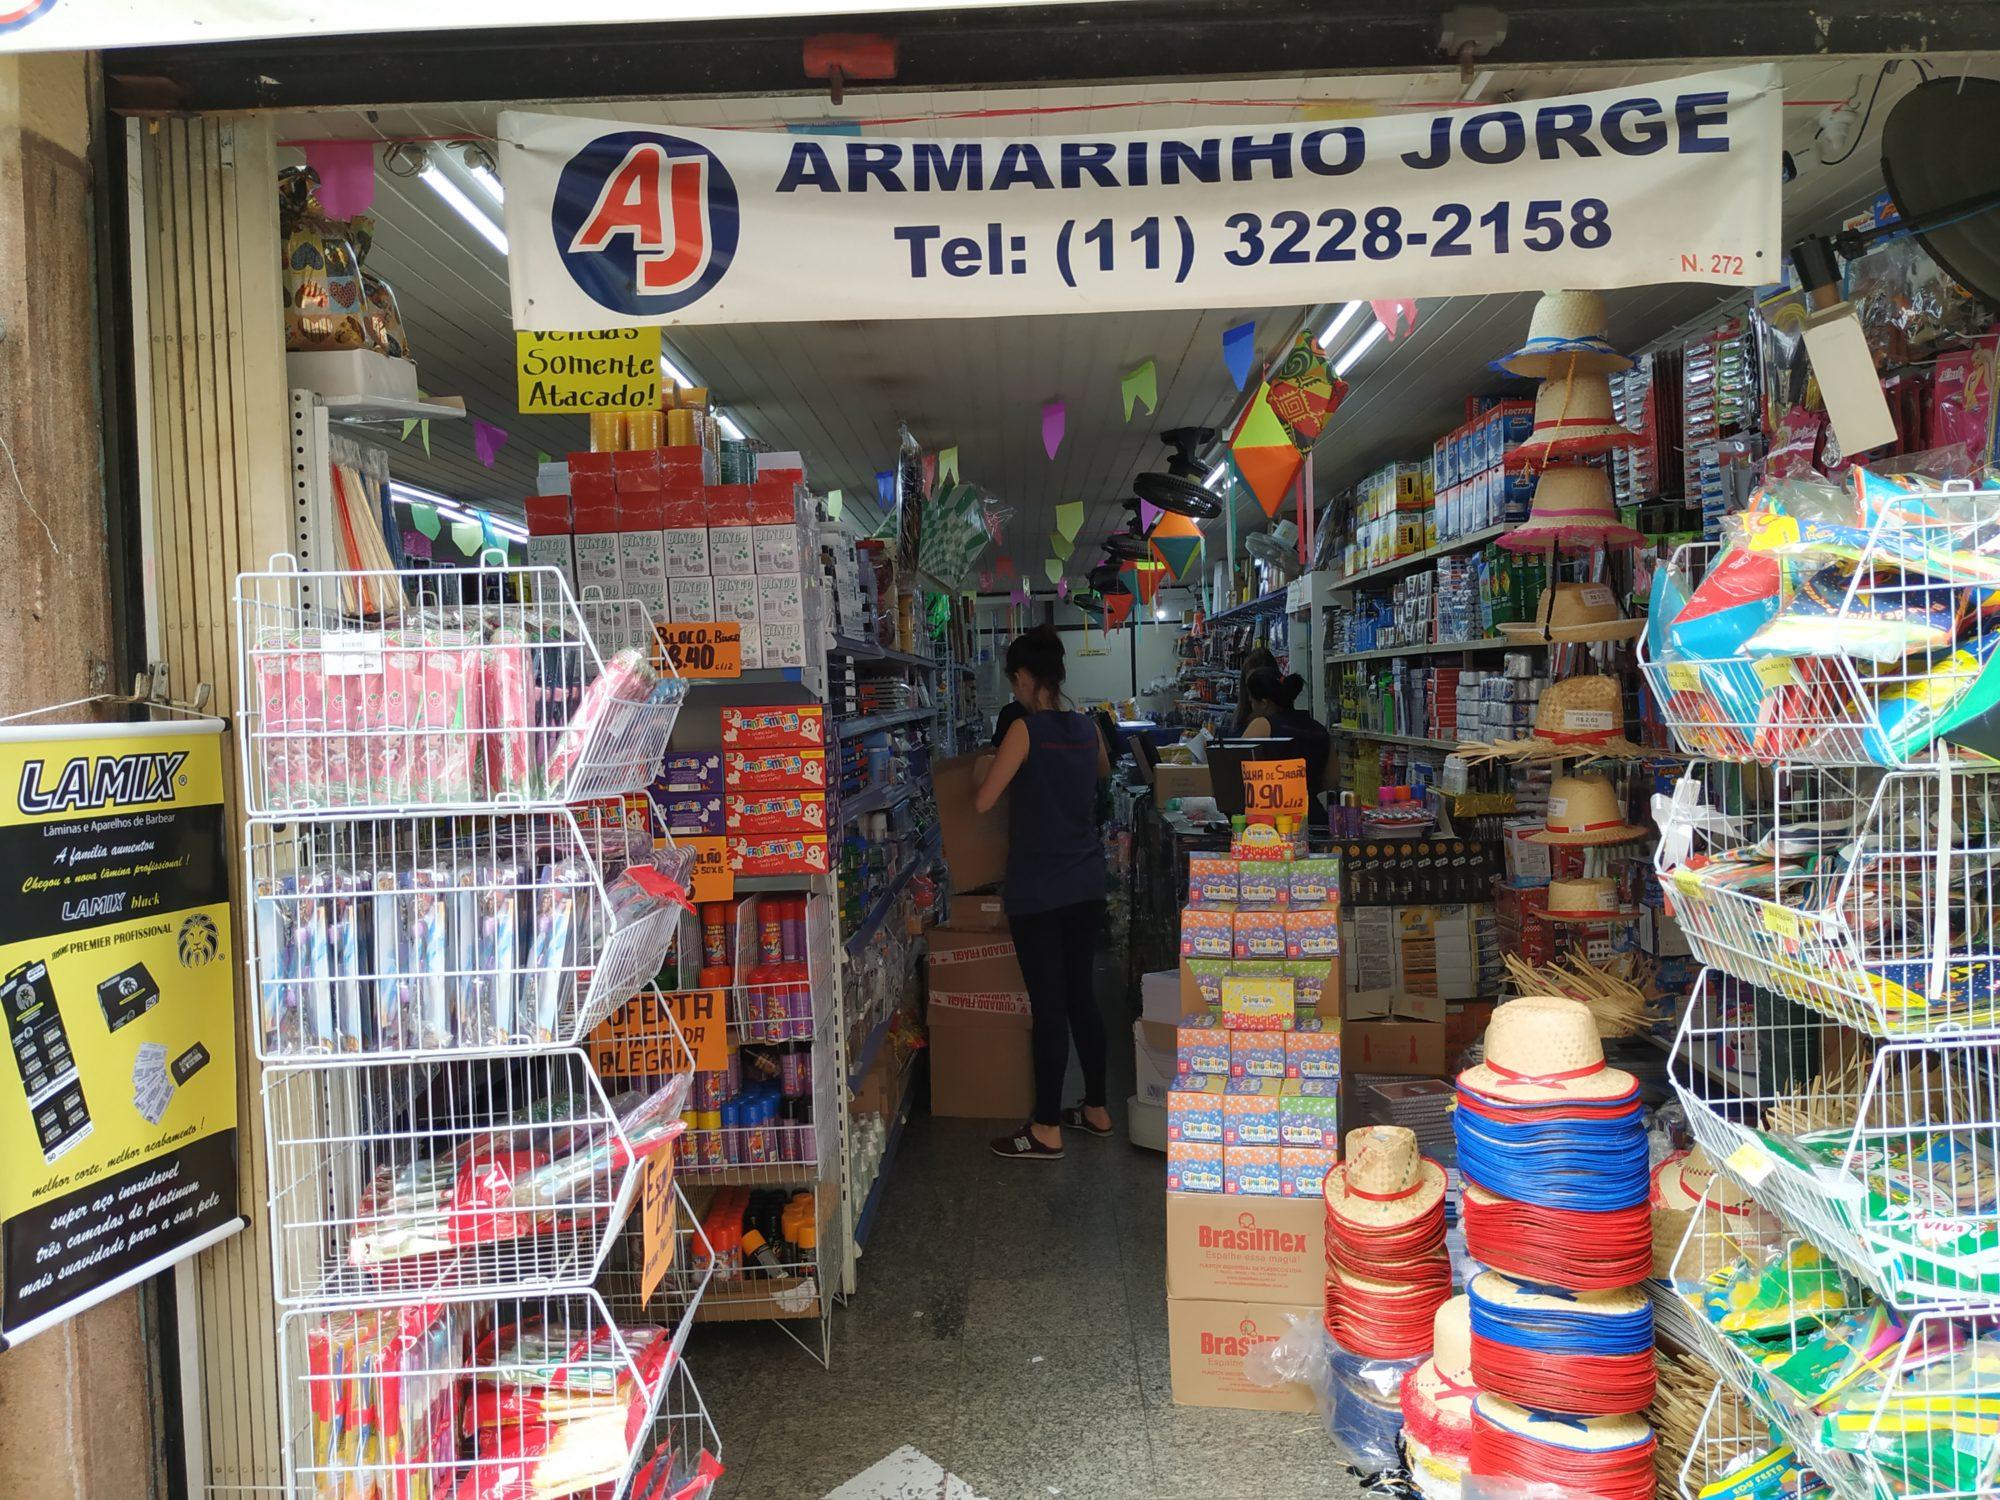 Armarinho Jorge